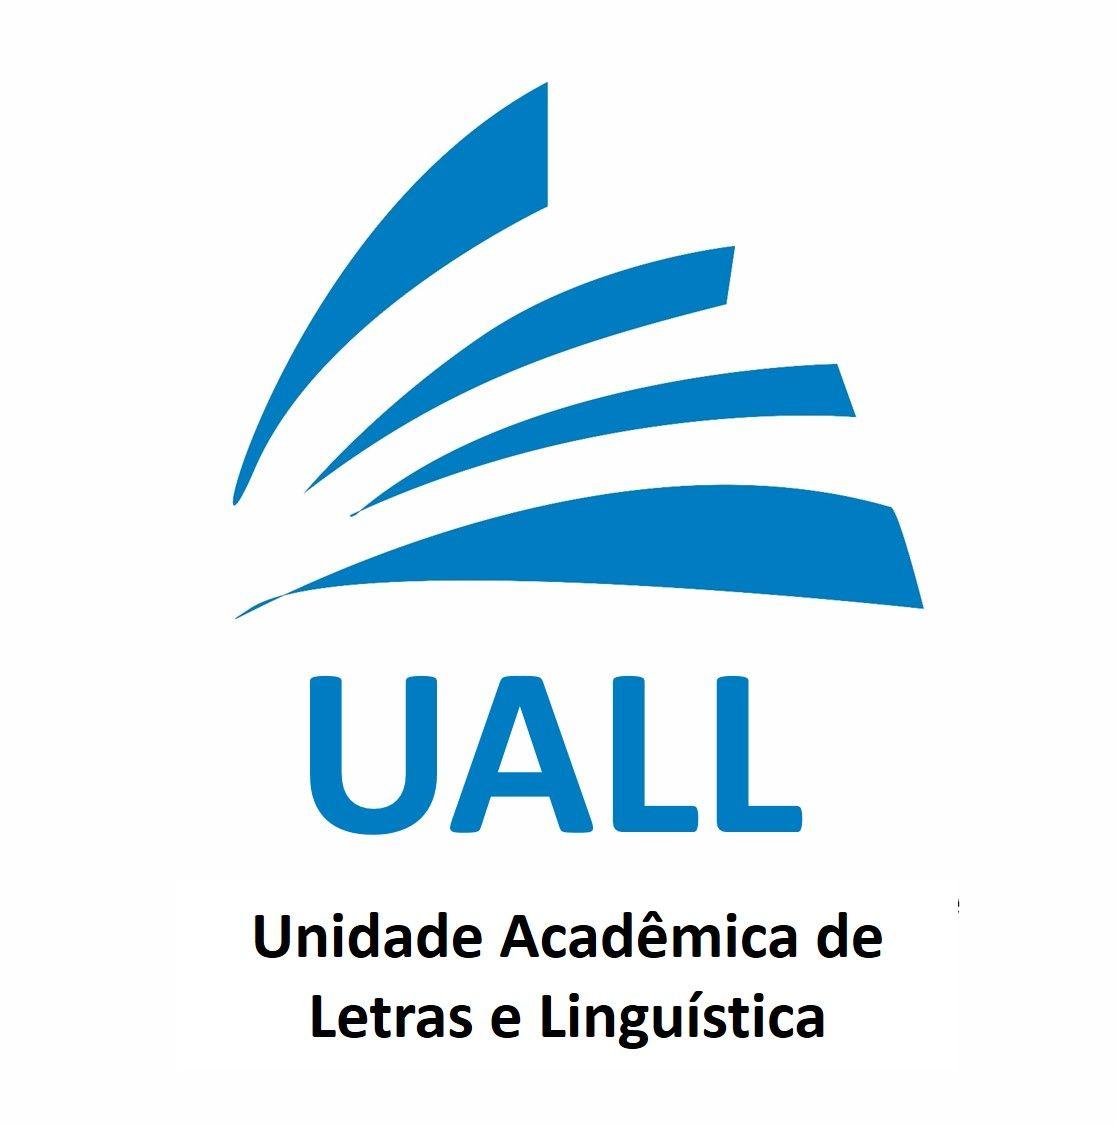 UAELL